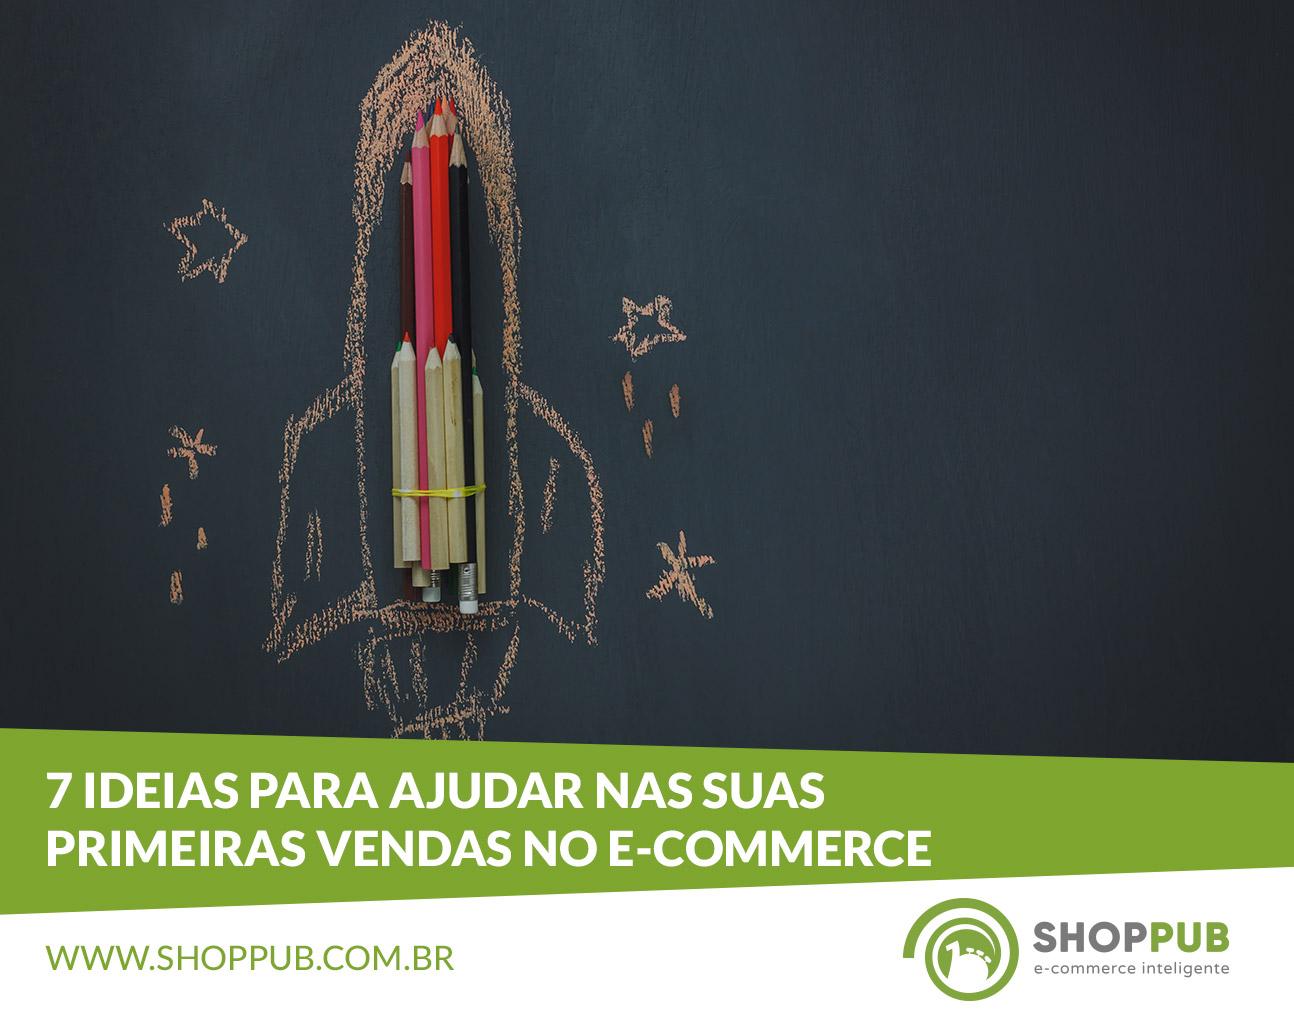 7 ideias para ajudar nas suas primeiras vendas no e-commerce